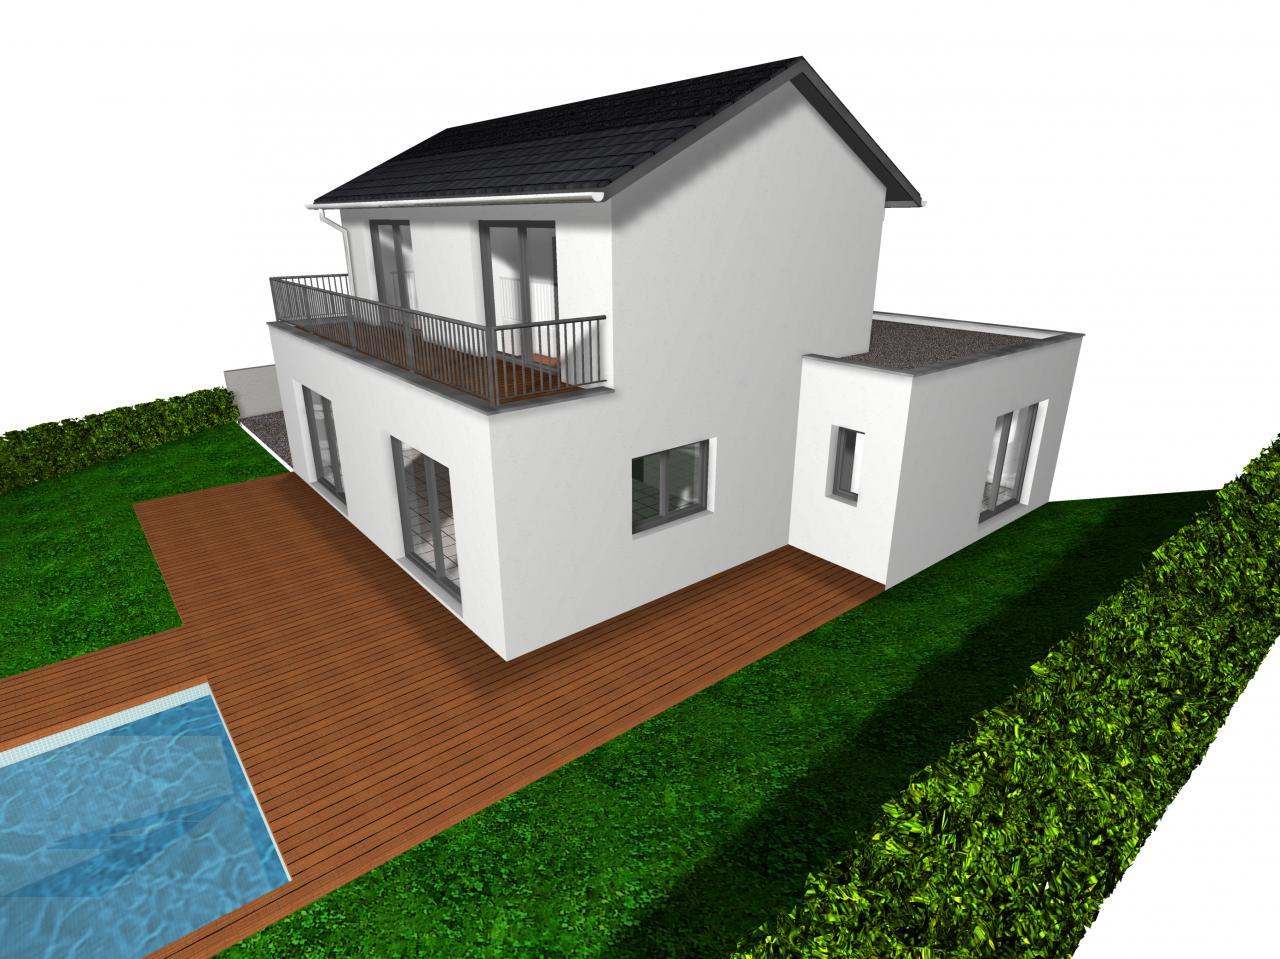 Vue 3d maison maison moderne for Architecture 3d vue 3d